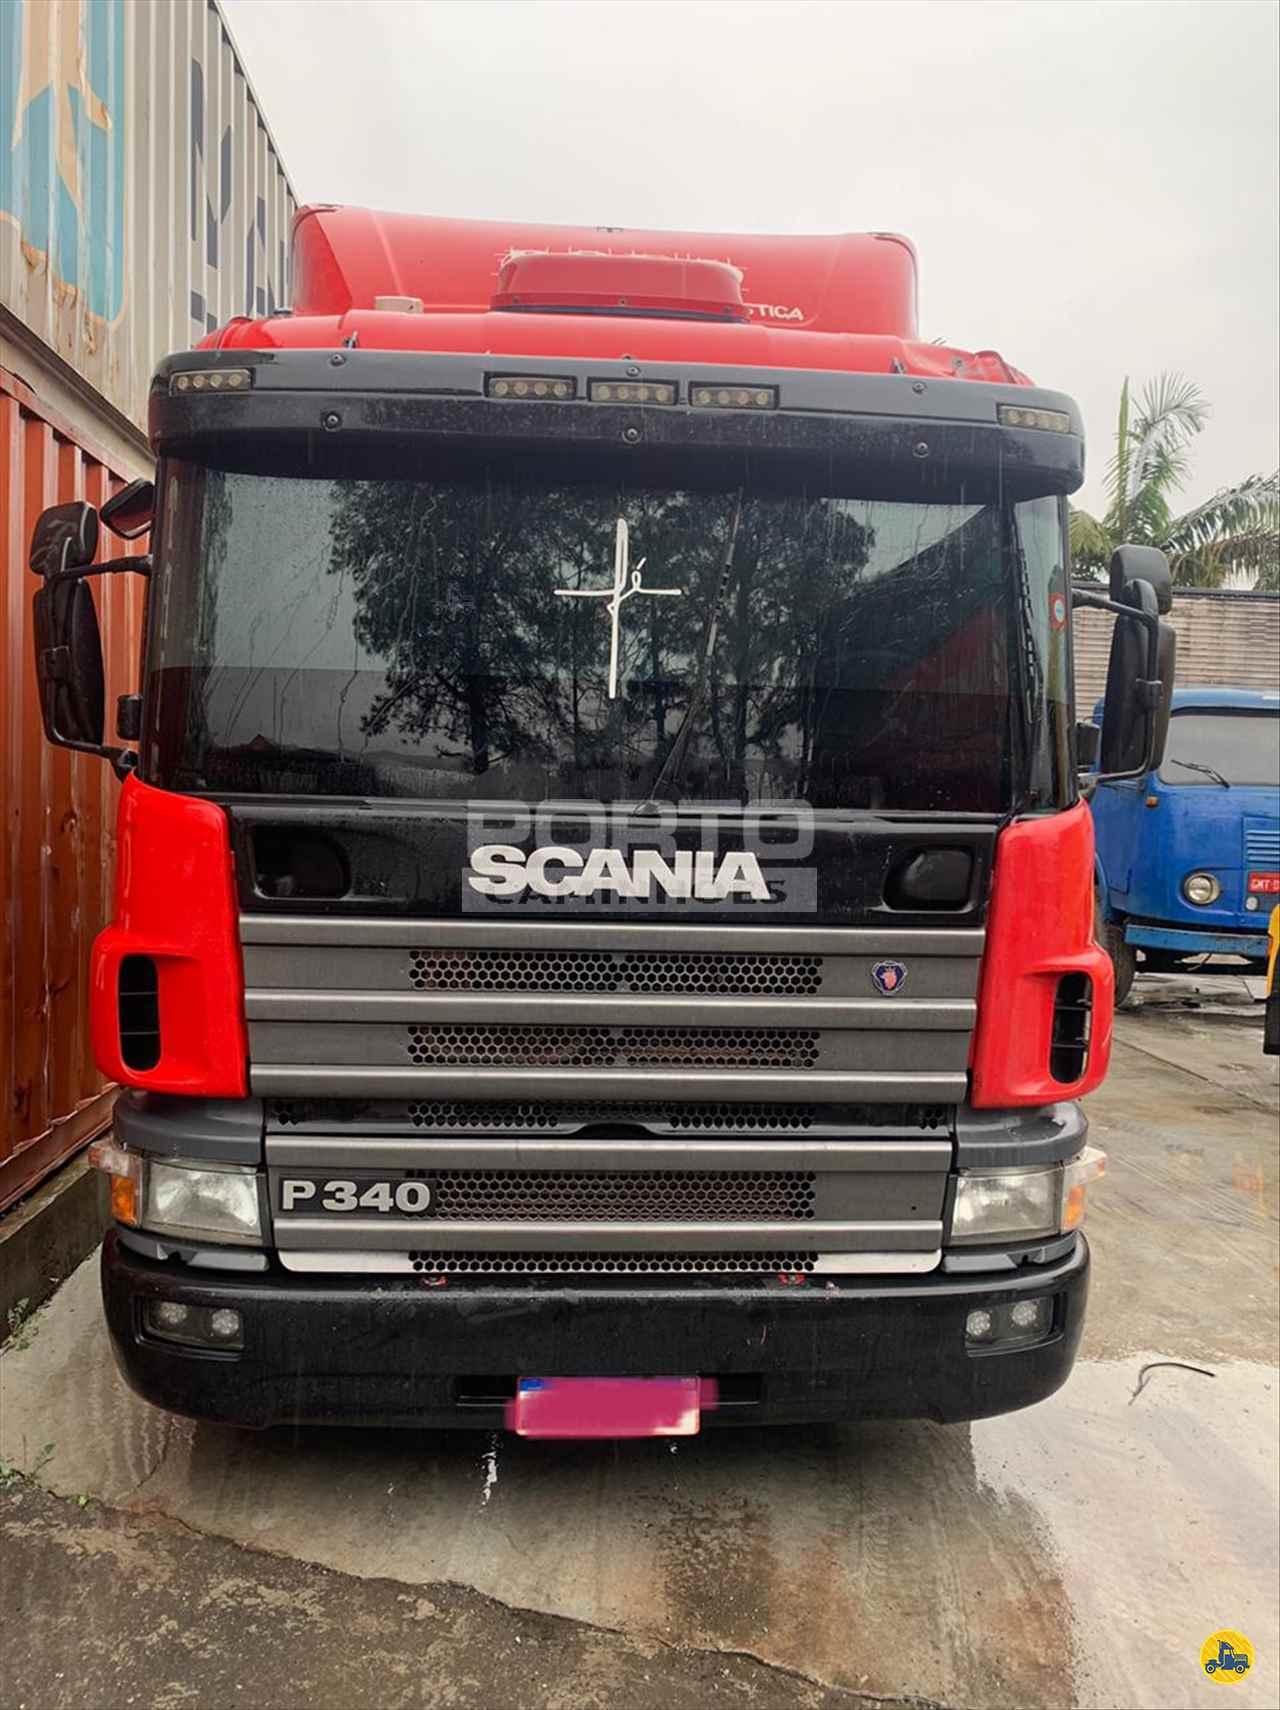 CAMINHAO SCANIA SCANIA P340 Cavalo Mecânico Toco 4x2 Porto Caminhões GUARULHOS SÃO PAULO SP